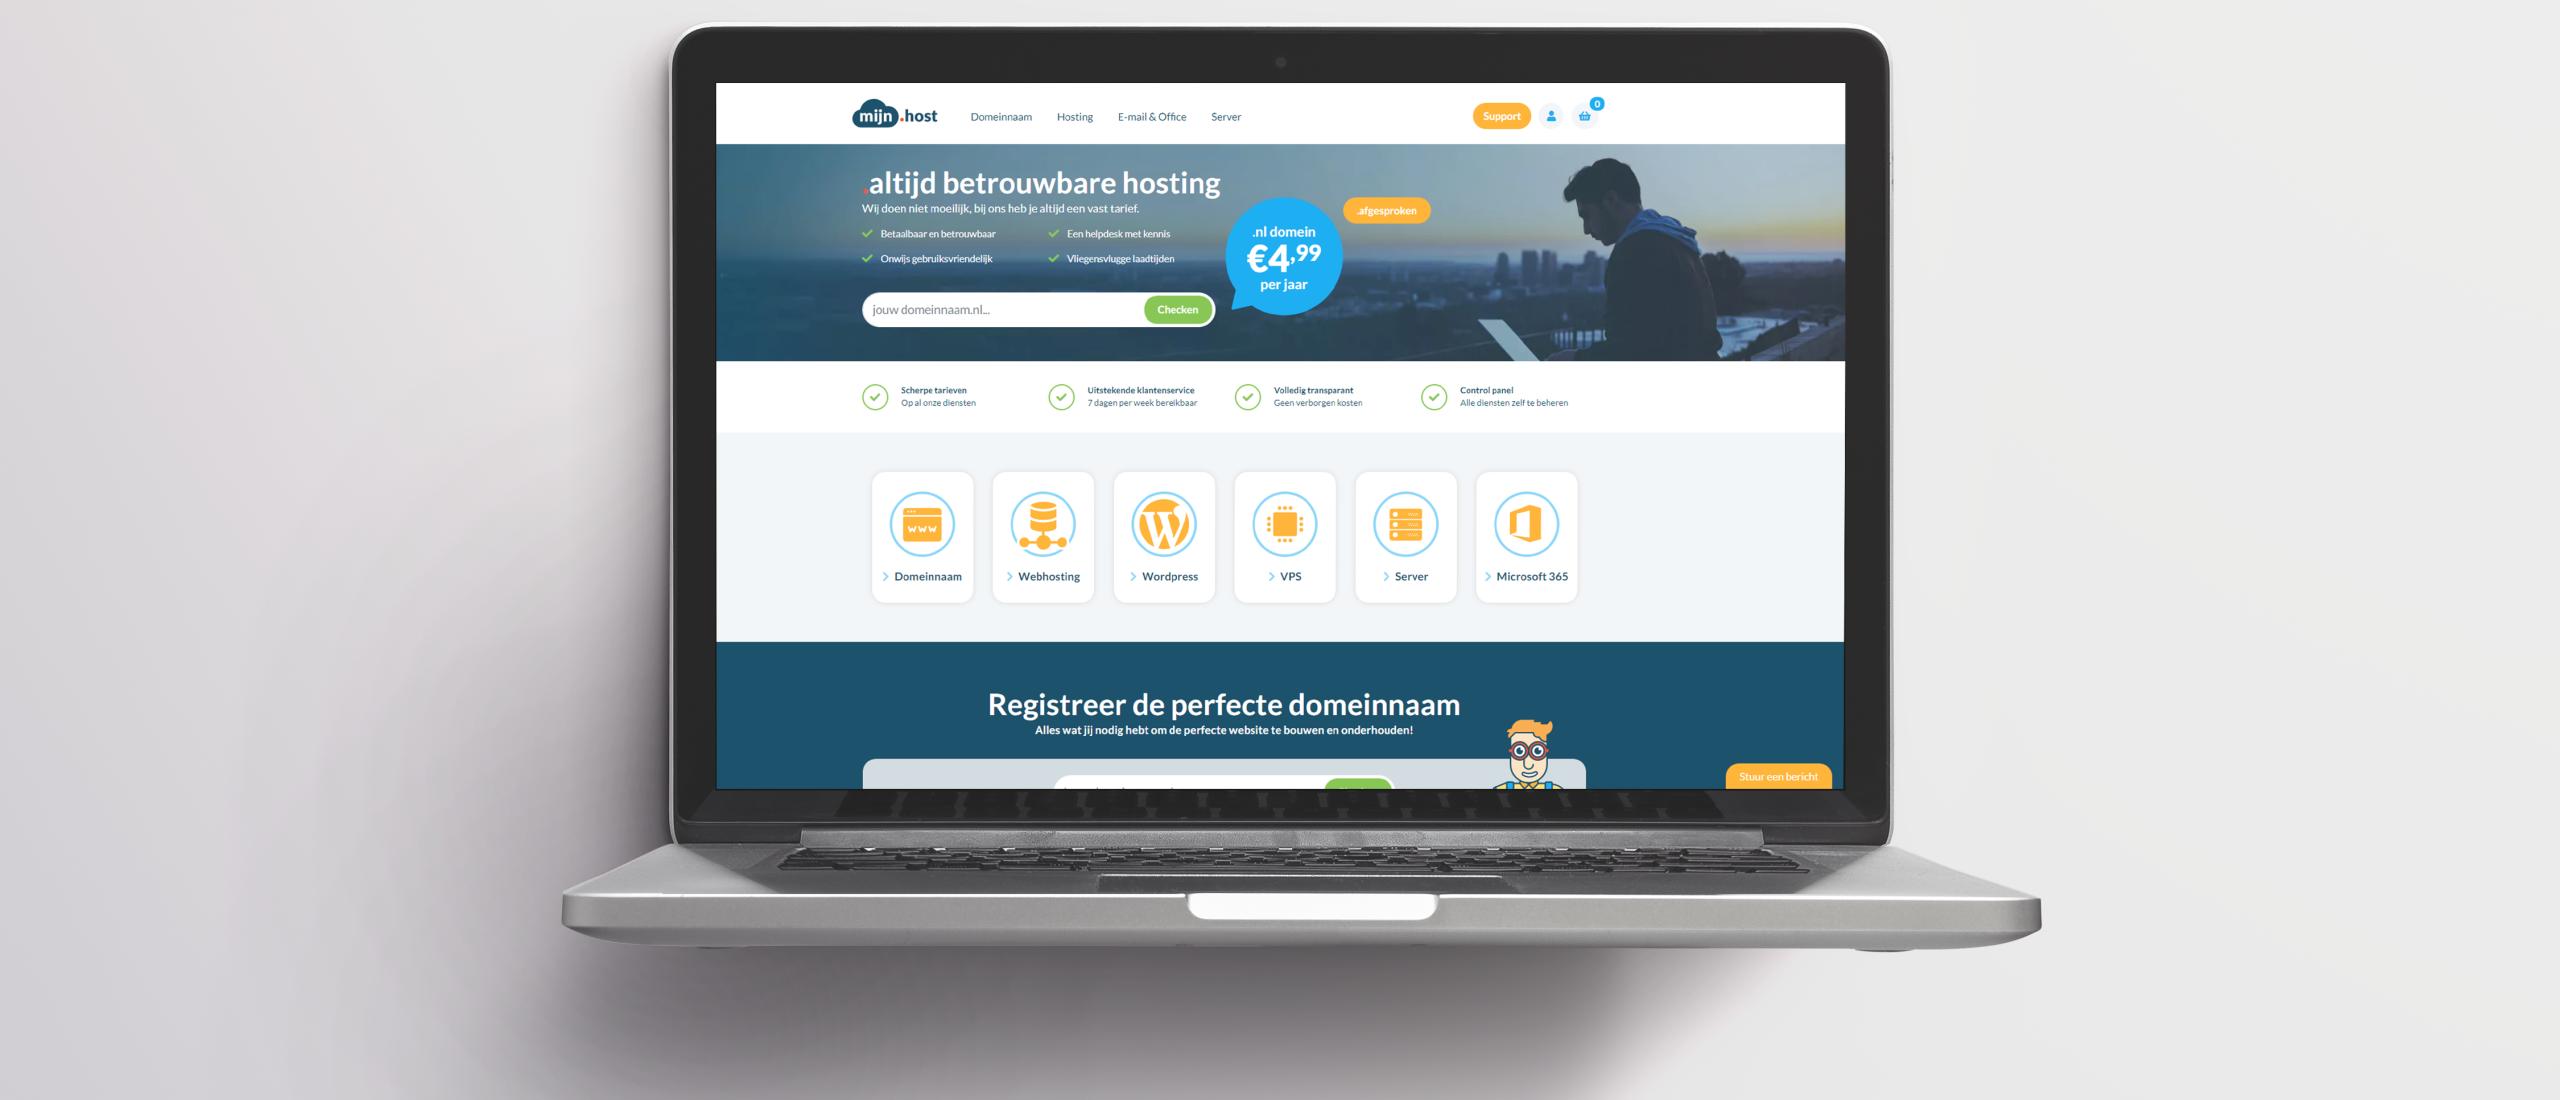 Review: mijn.host - Kwalitatieve hosting voor een betaalbare prijs?